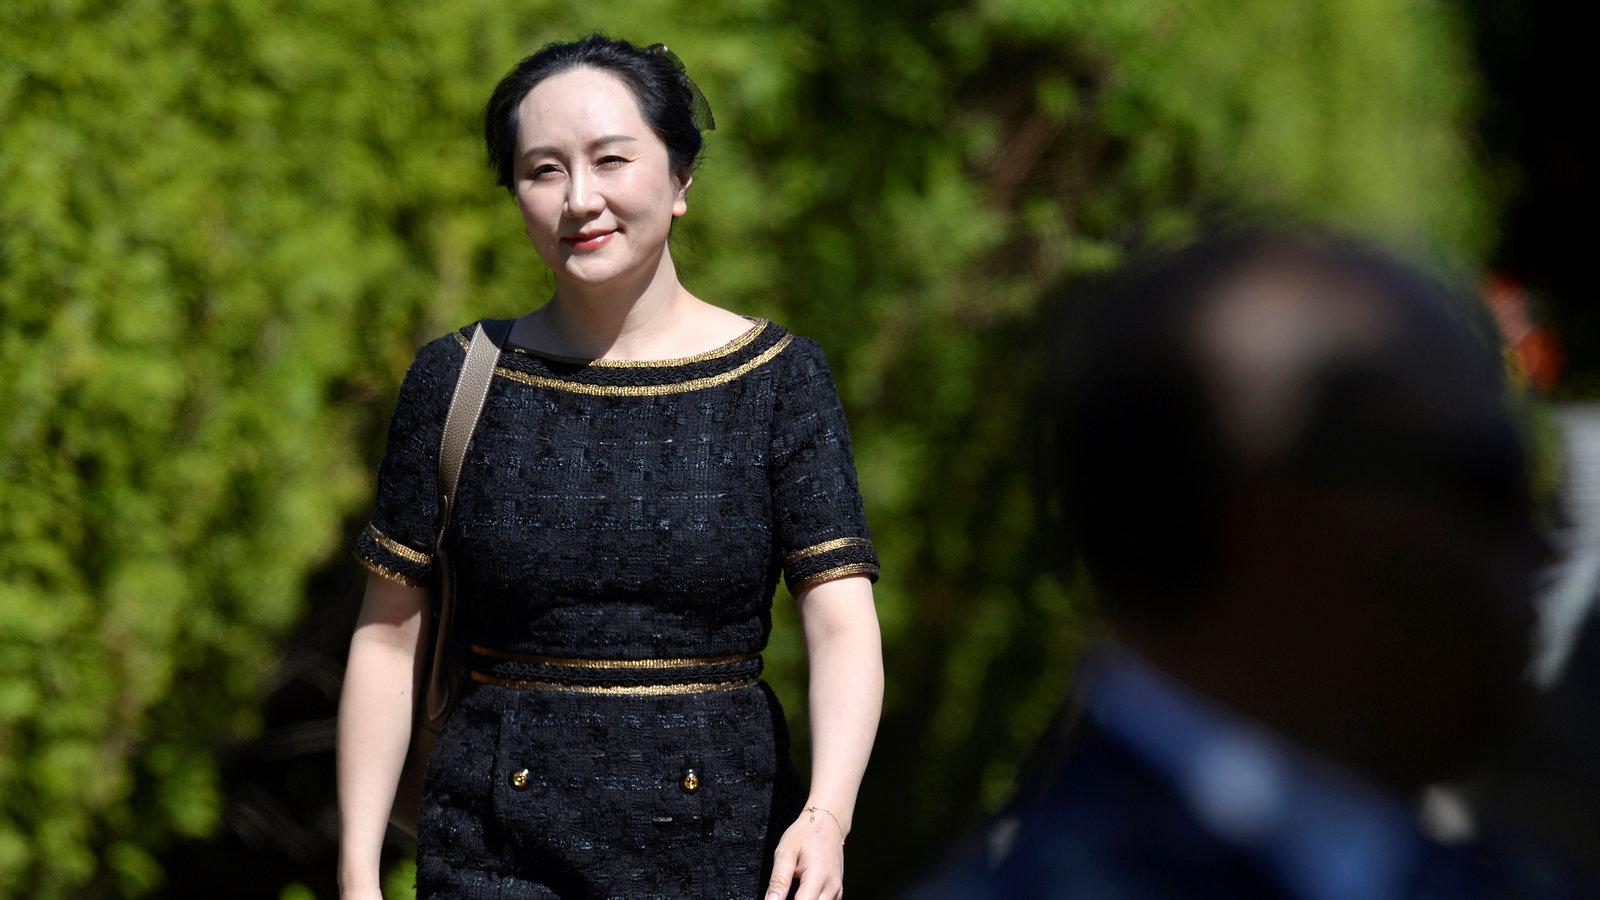 Tòa án Canada phán quyết Hoa Kỳ đáp ứng đủ điều kiện pháp lý để yêu cầu dẫn độ Giám đốc tài chính Huawei